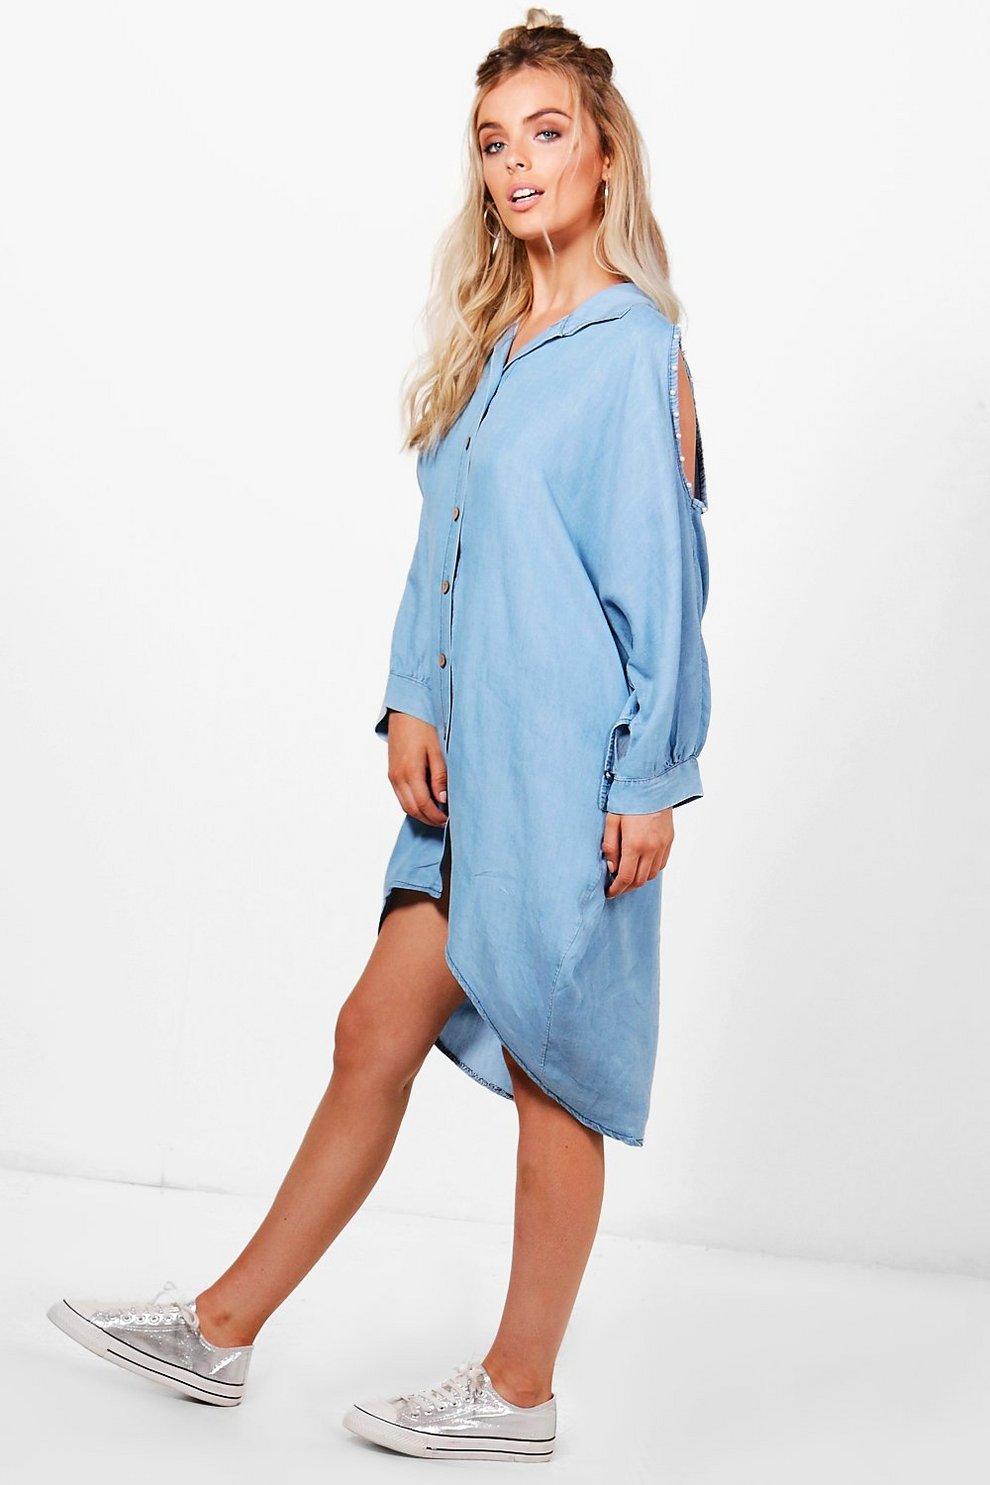 42a03153bcfb Kandy Pearl Trim Open Shoulder Denim Shirt Dress